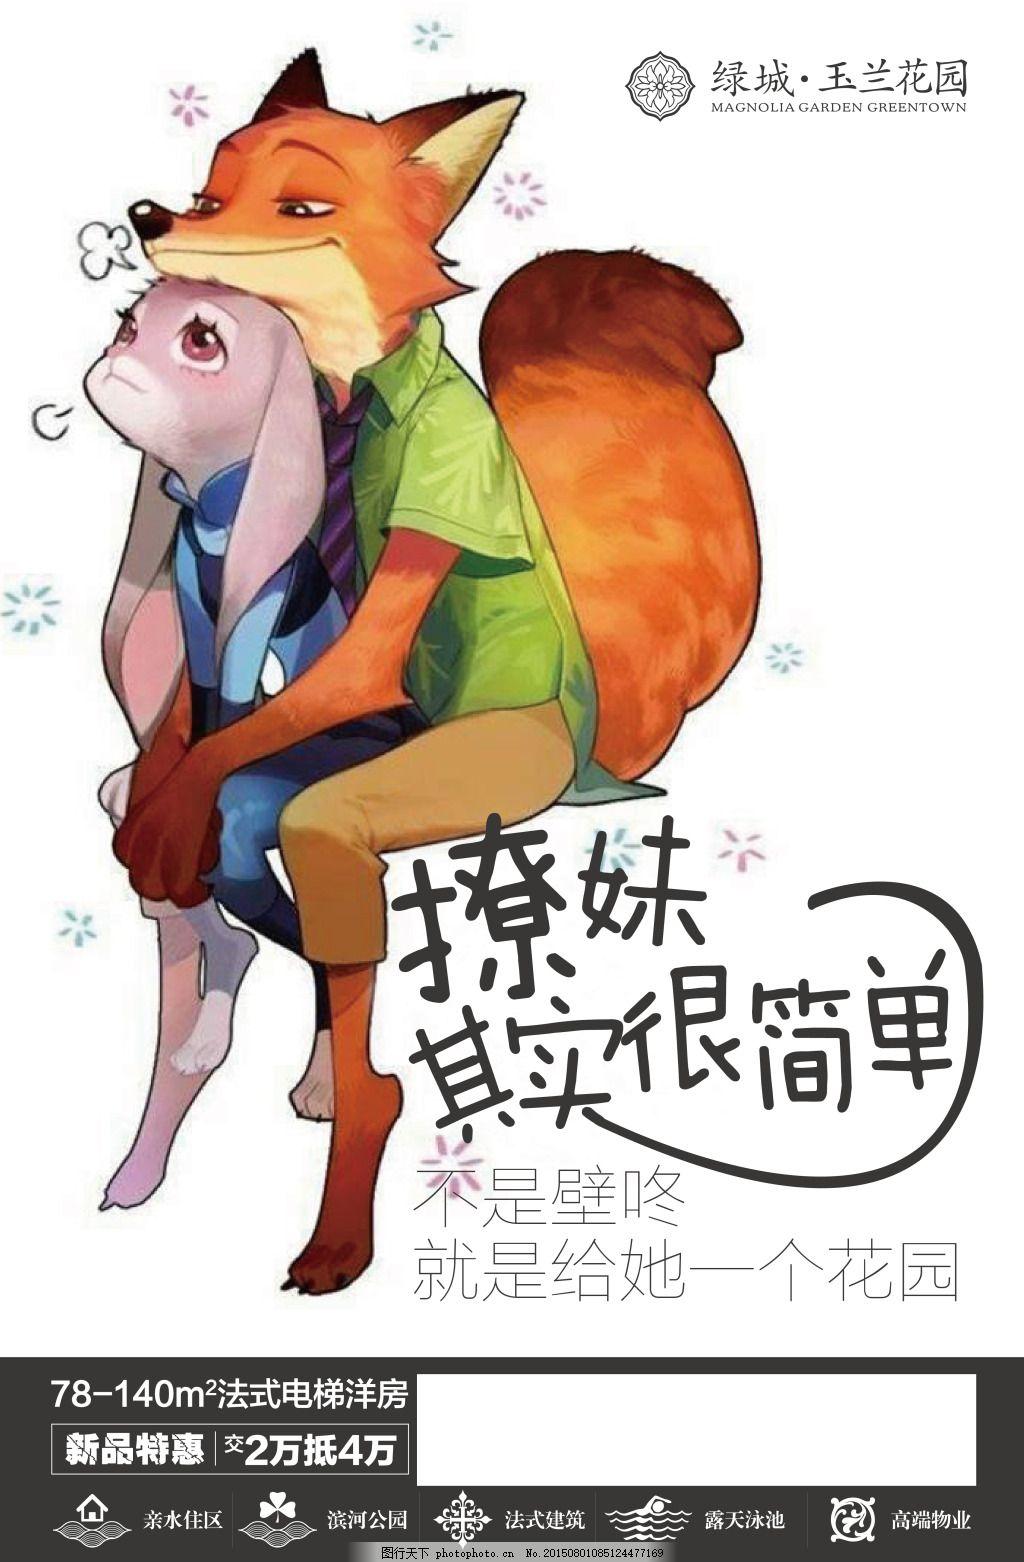 疯狂动物城-01 地产微信推广画面 地产广告 海报